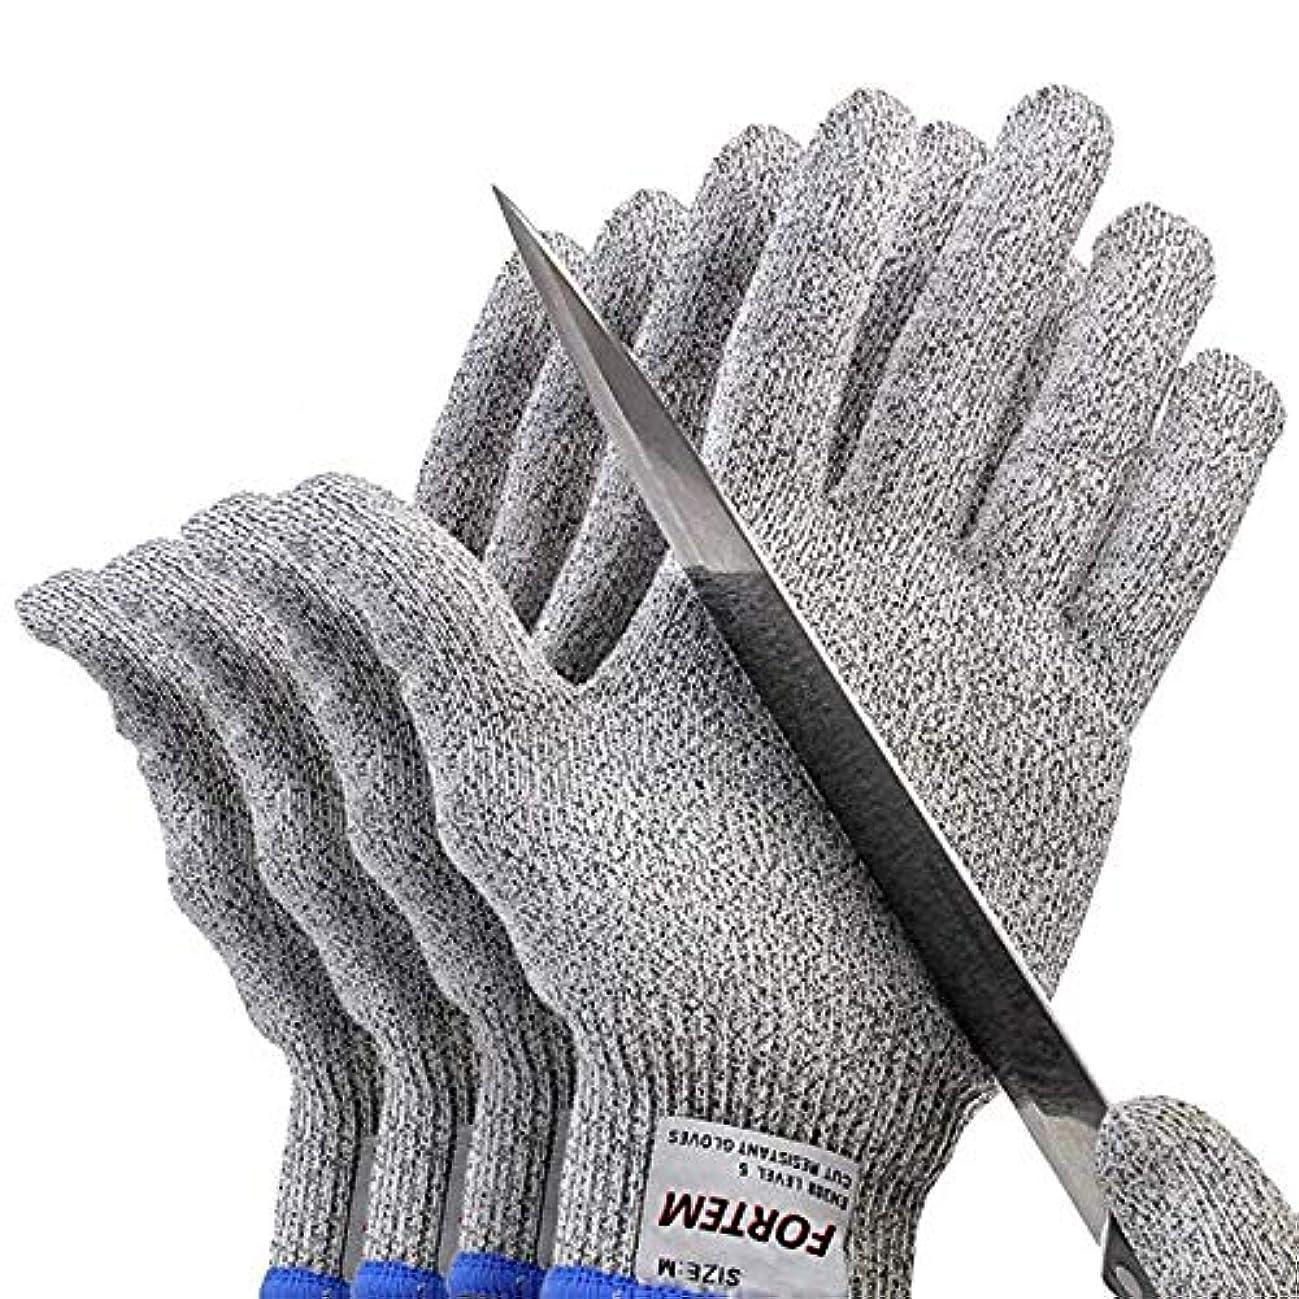 コンパイル野生強調カット性手袋、レベル5の保護、食品グレード、EN388認定(2ペア),S